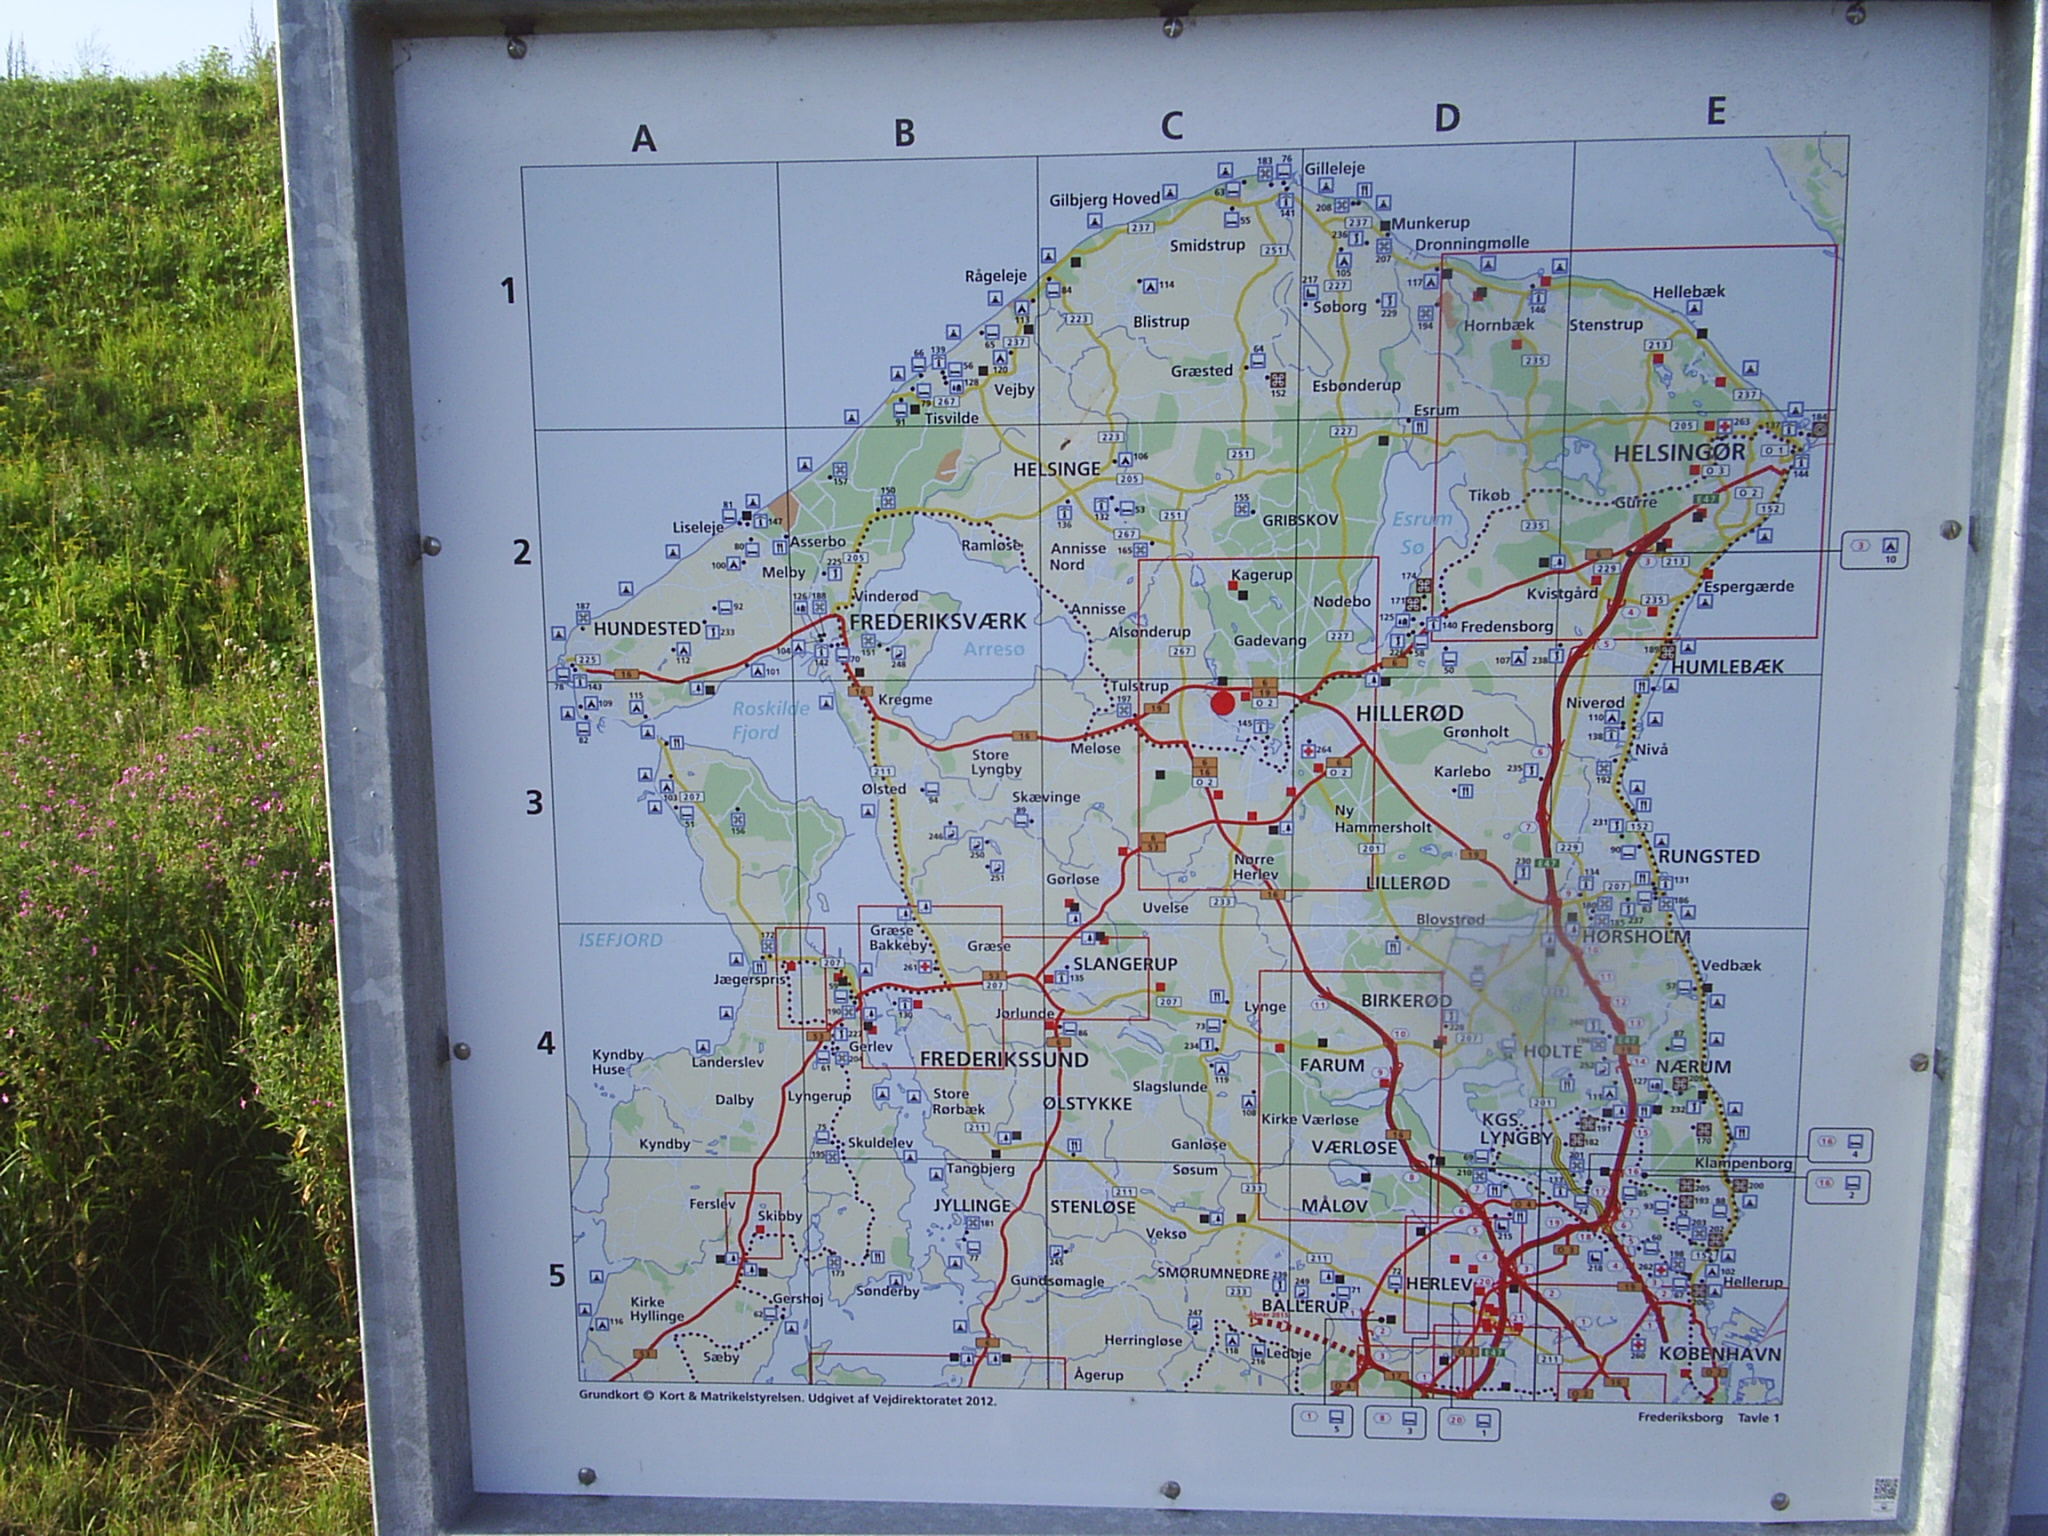 kort over nordsjællands kyst